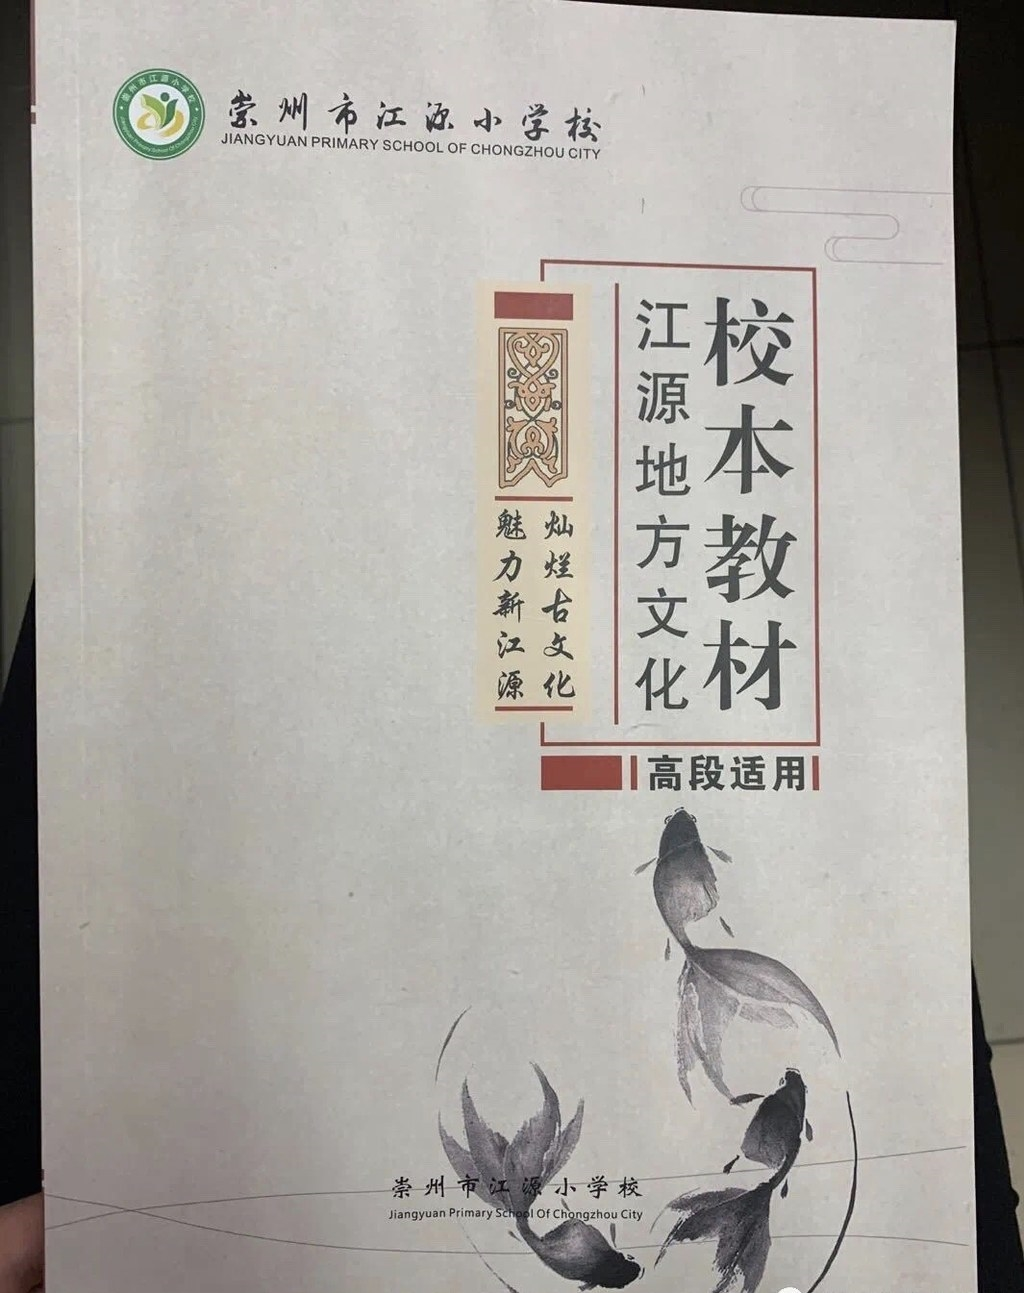 挖掘当地文化 崇州这所小学把家乡历史写进课本